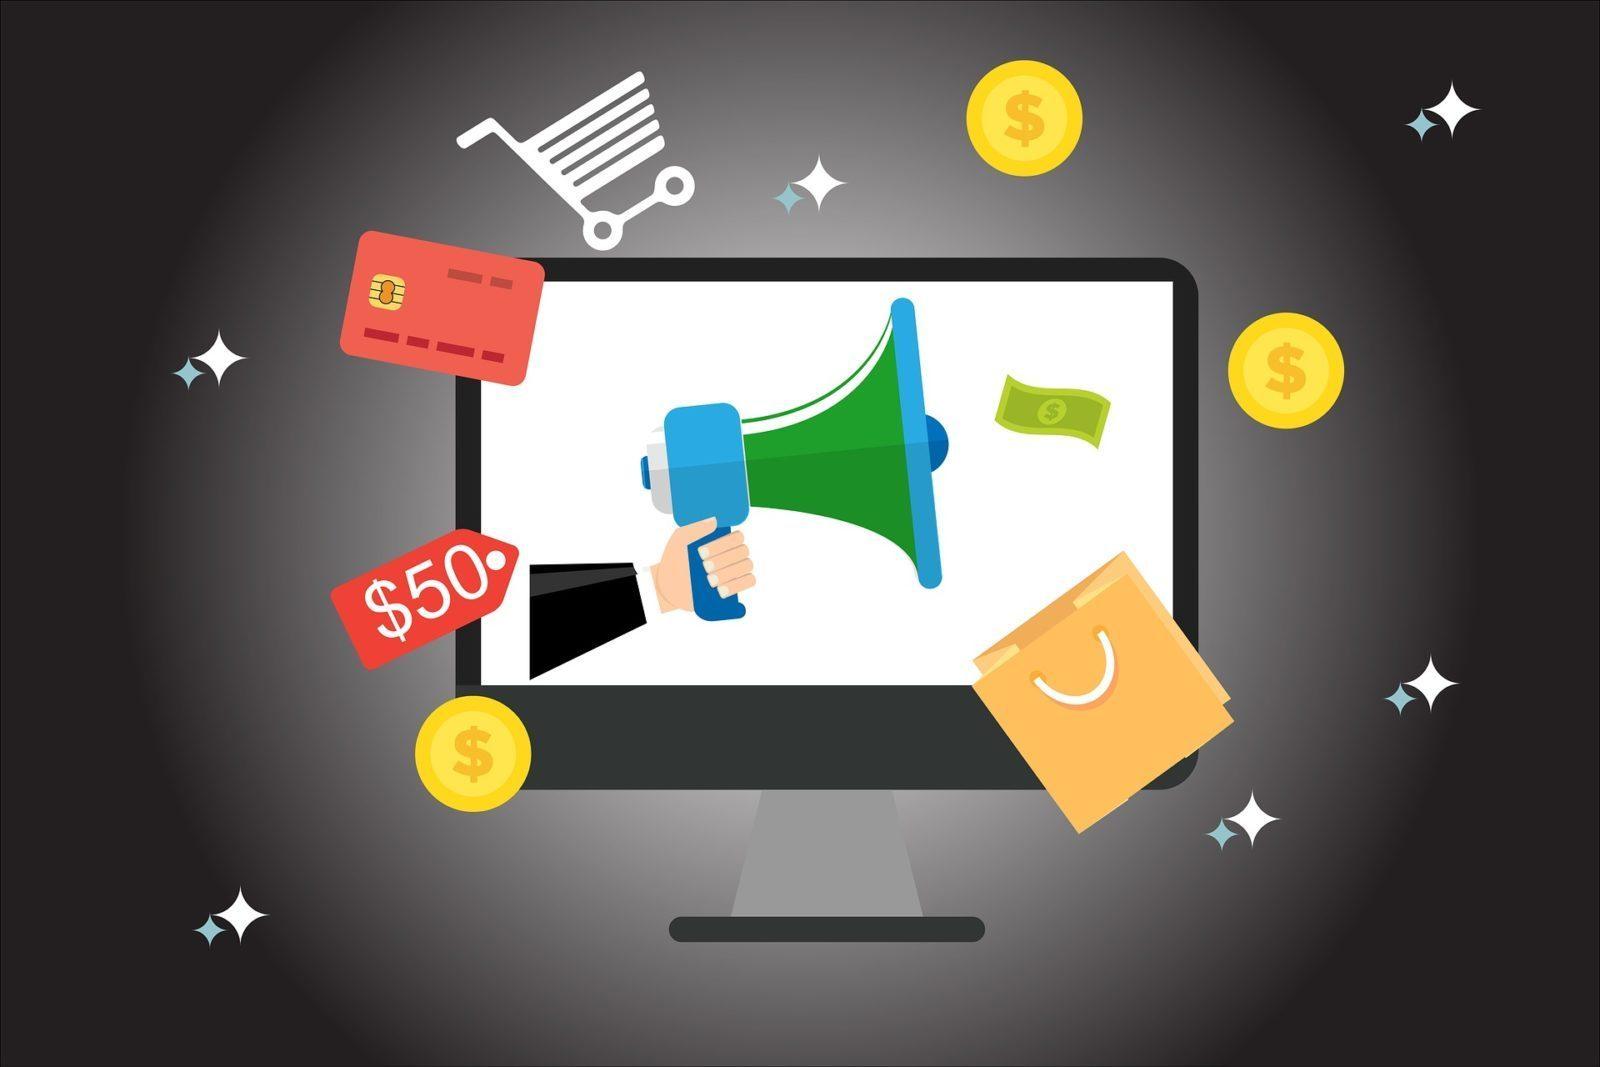 Антиплагиат, вебинары, продажа курсов в Moodle